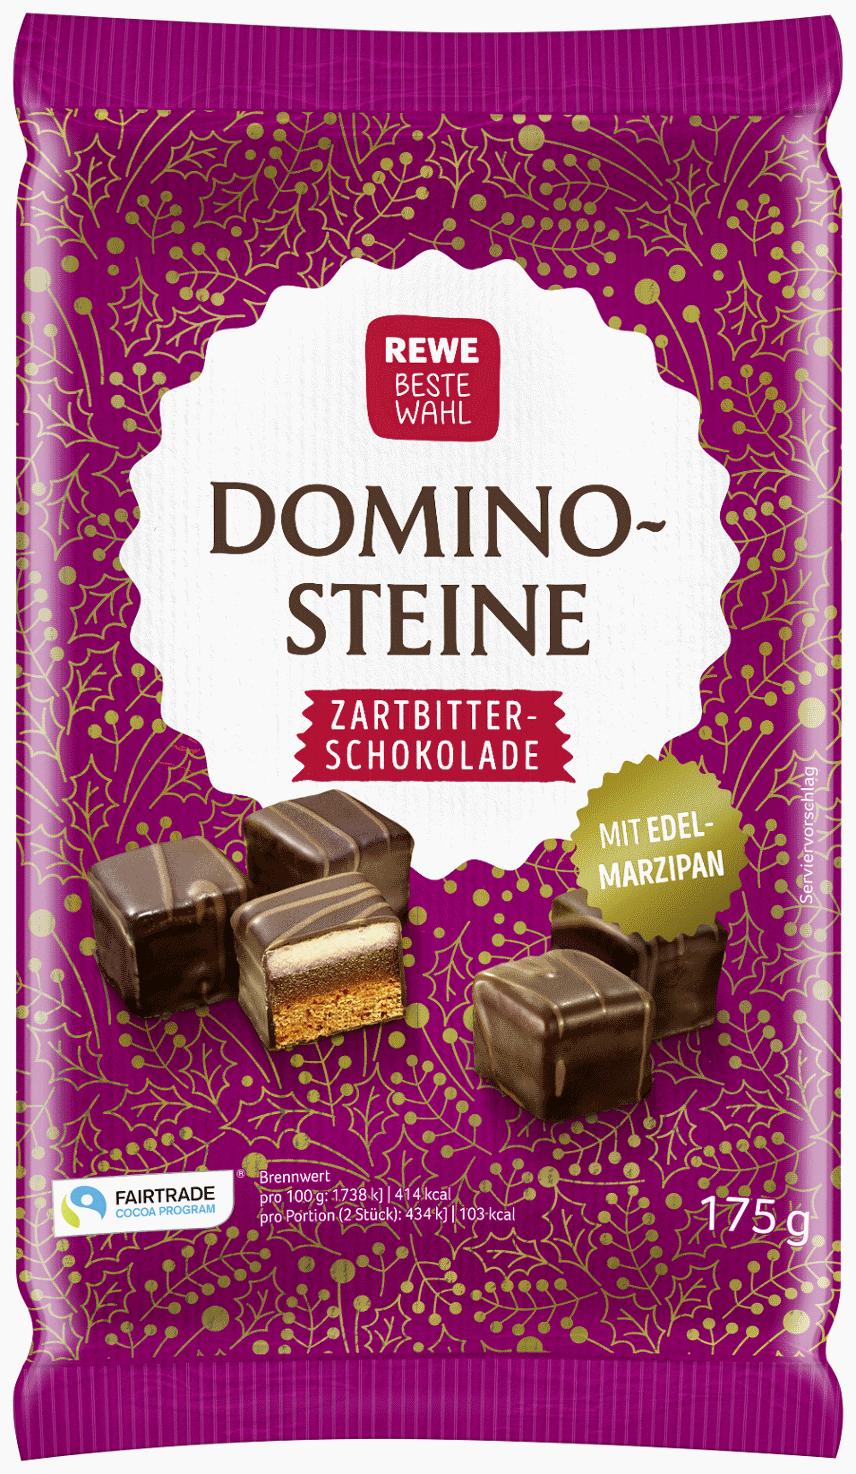 Edelmarzipan-Dominosteine in Zartbitterschokolade